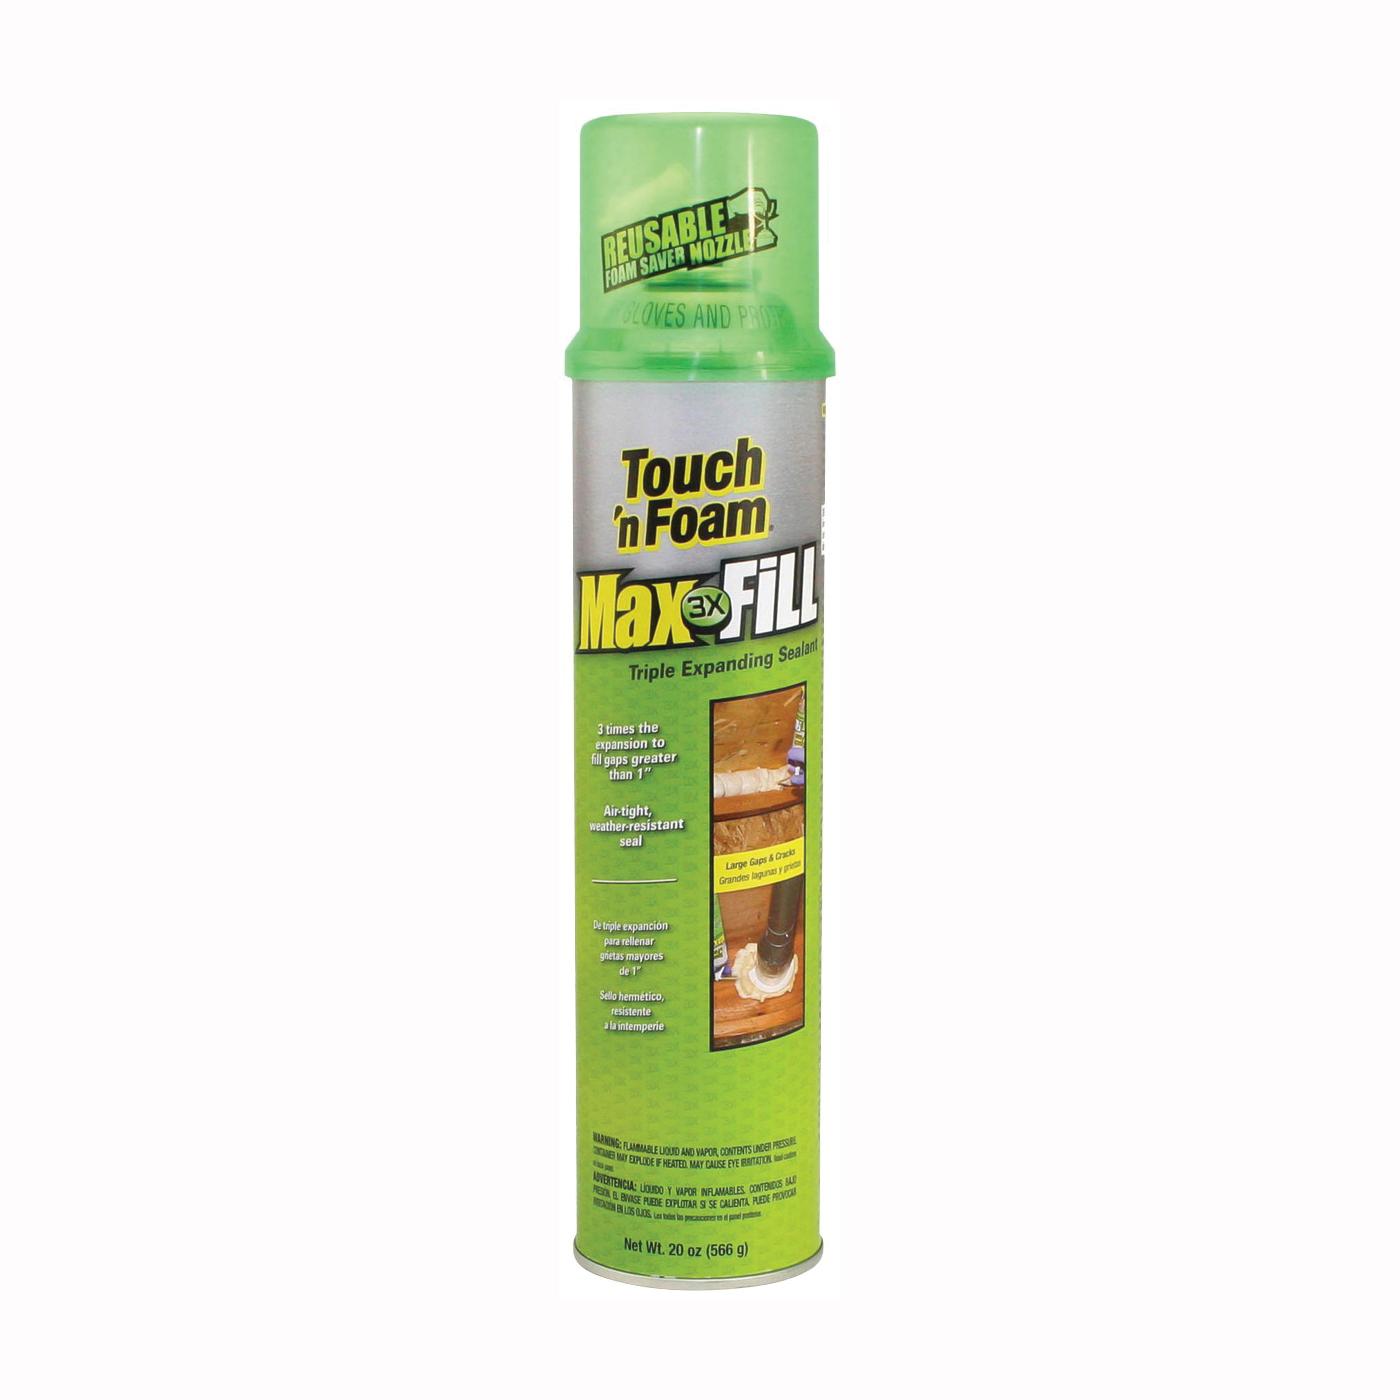 Touch 'n Foam 4001020012